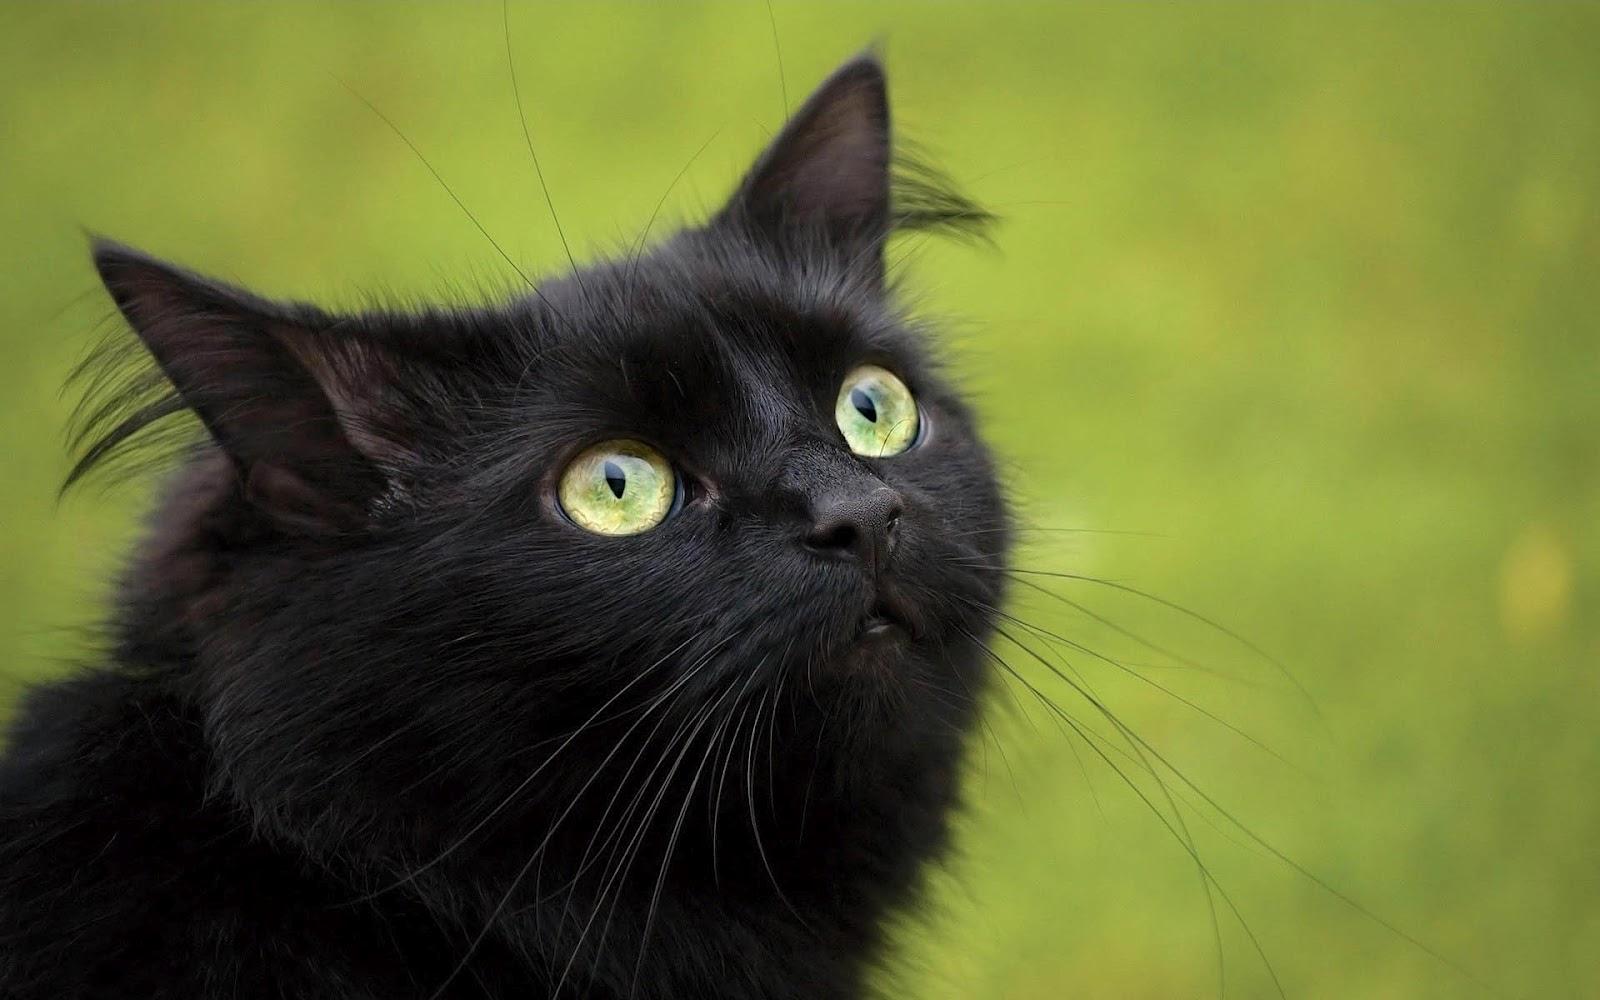 Snake 3d Live Wallpaper Black Cat Scary Hd Desktop Wallpapers 4k Hd